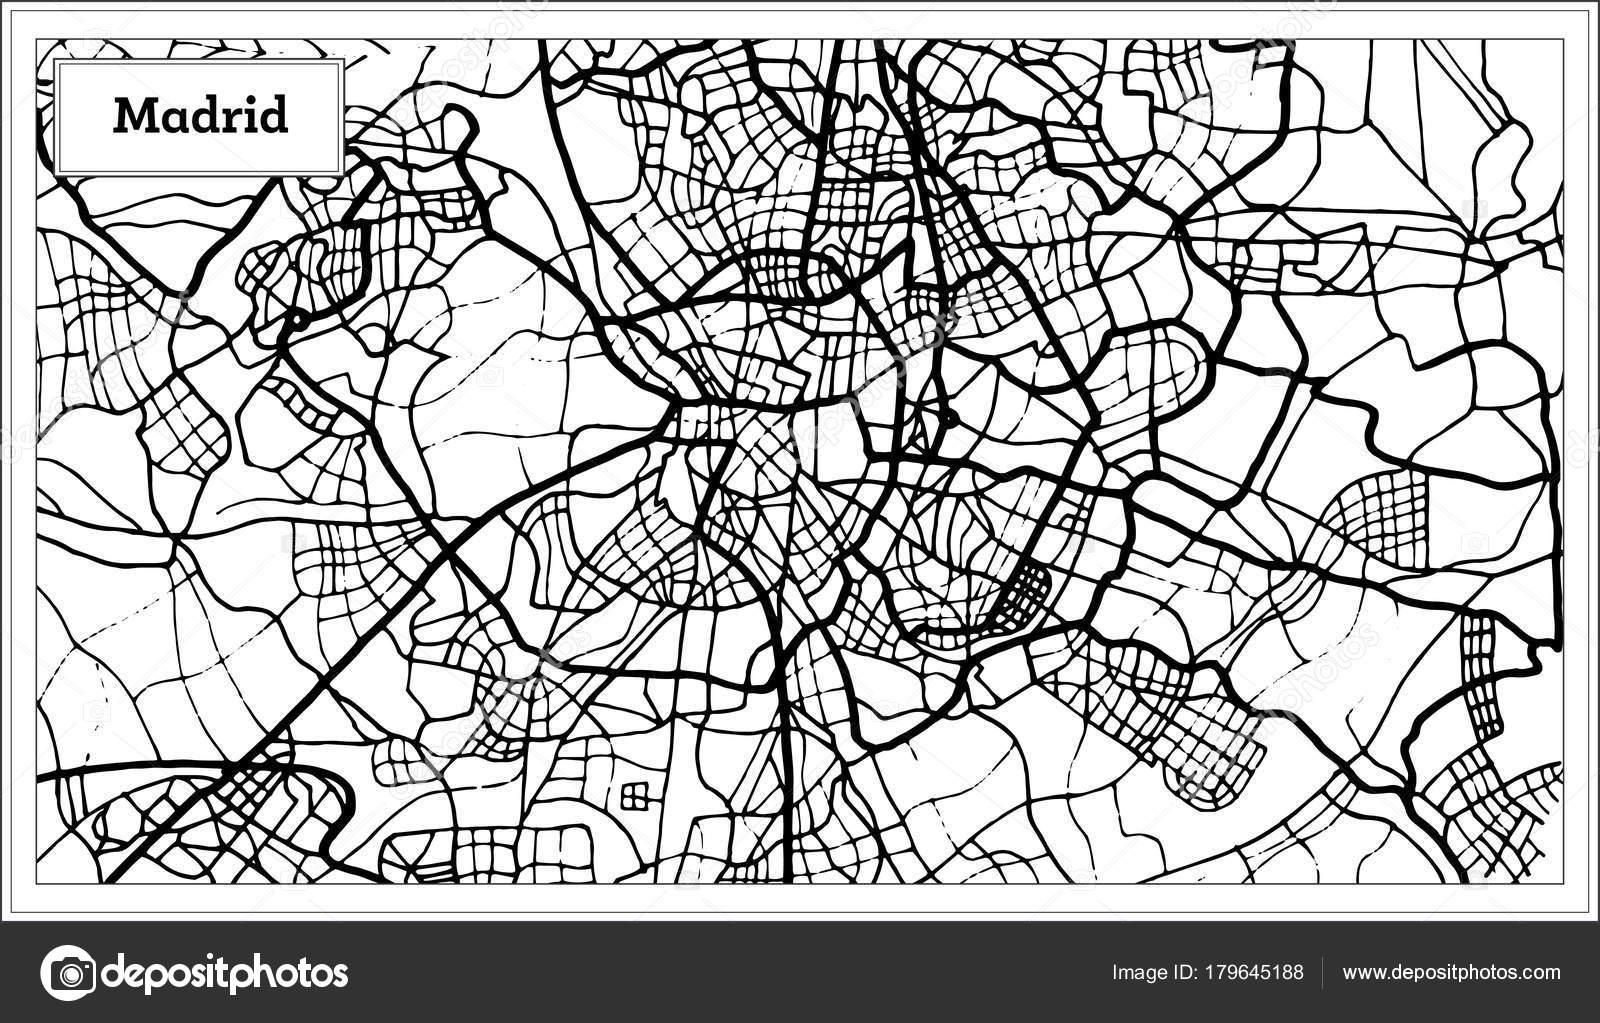 Spanien Karte Schwarz Weiß.Madrid Spanien Karte In Der Farbe Schwarz Und Weiß Stockvektor